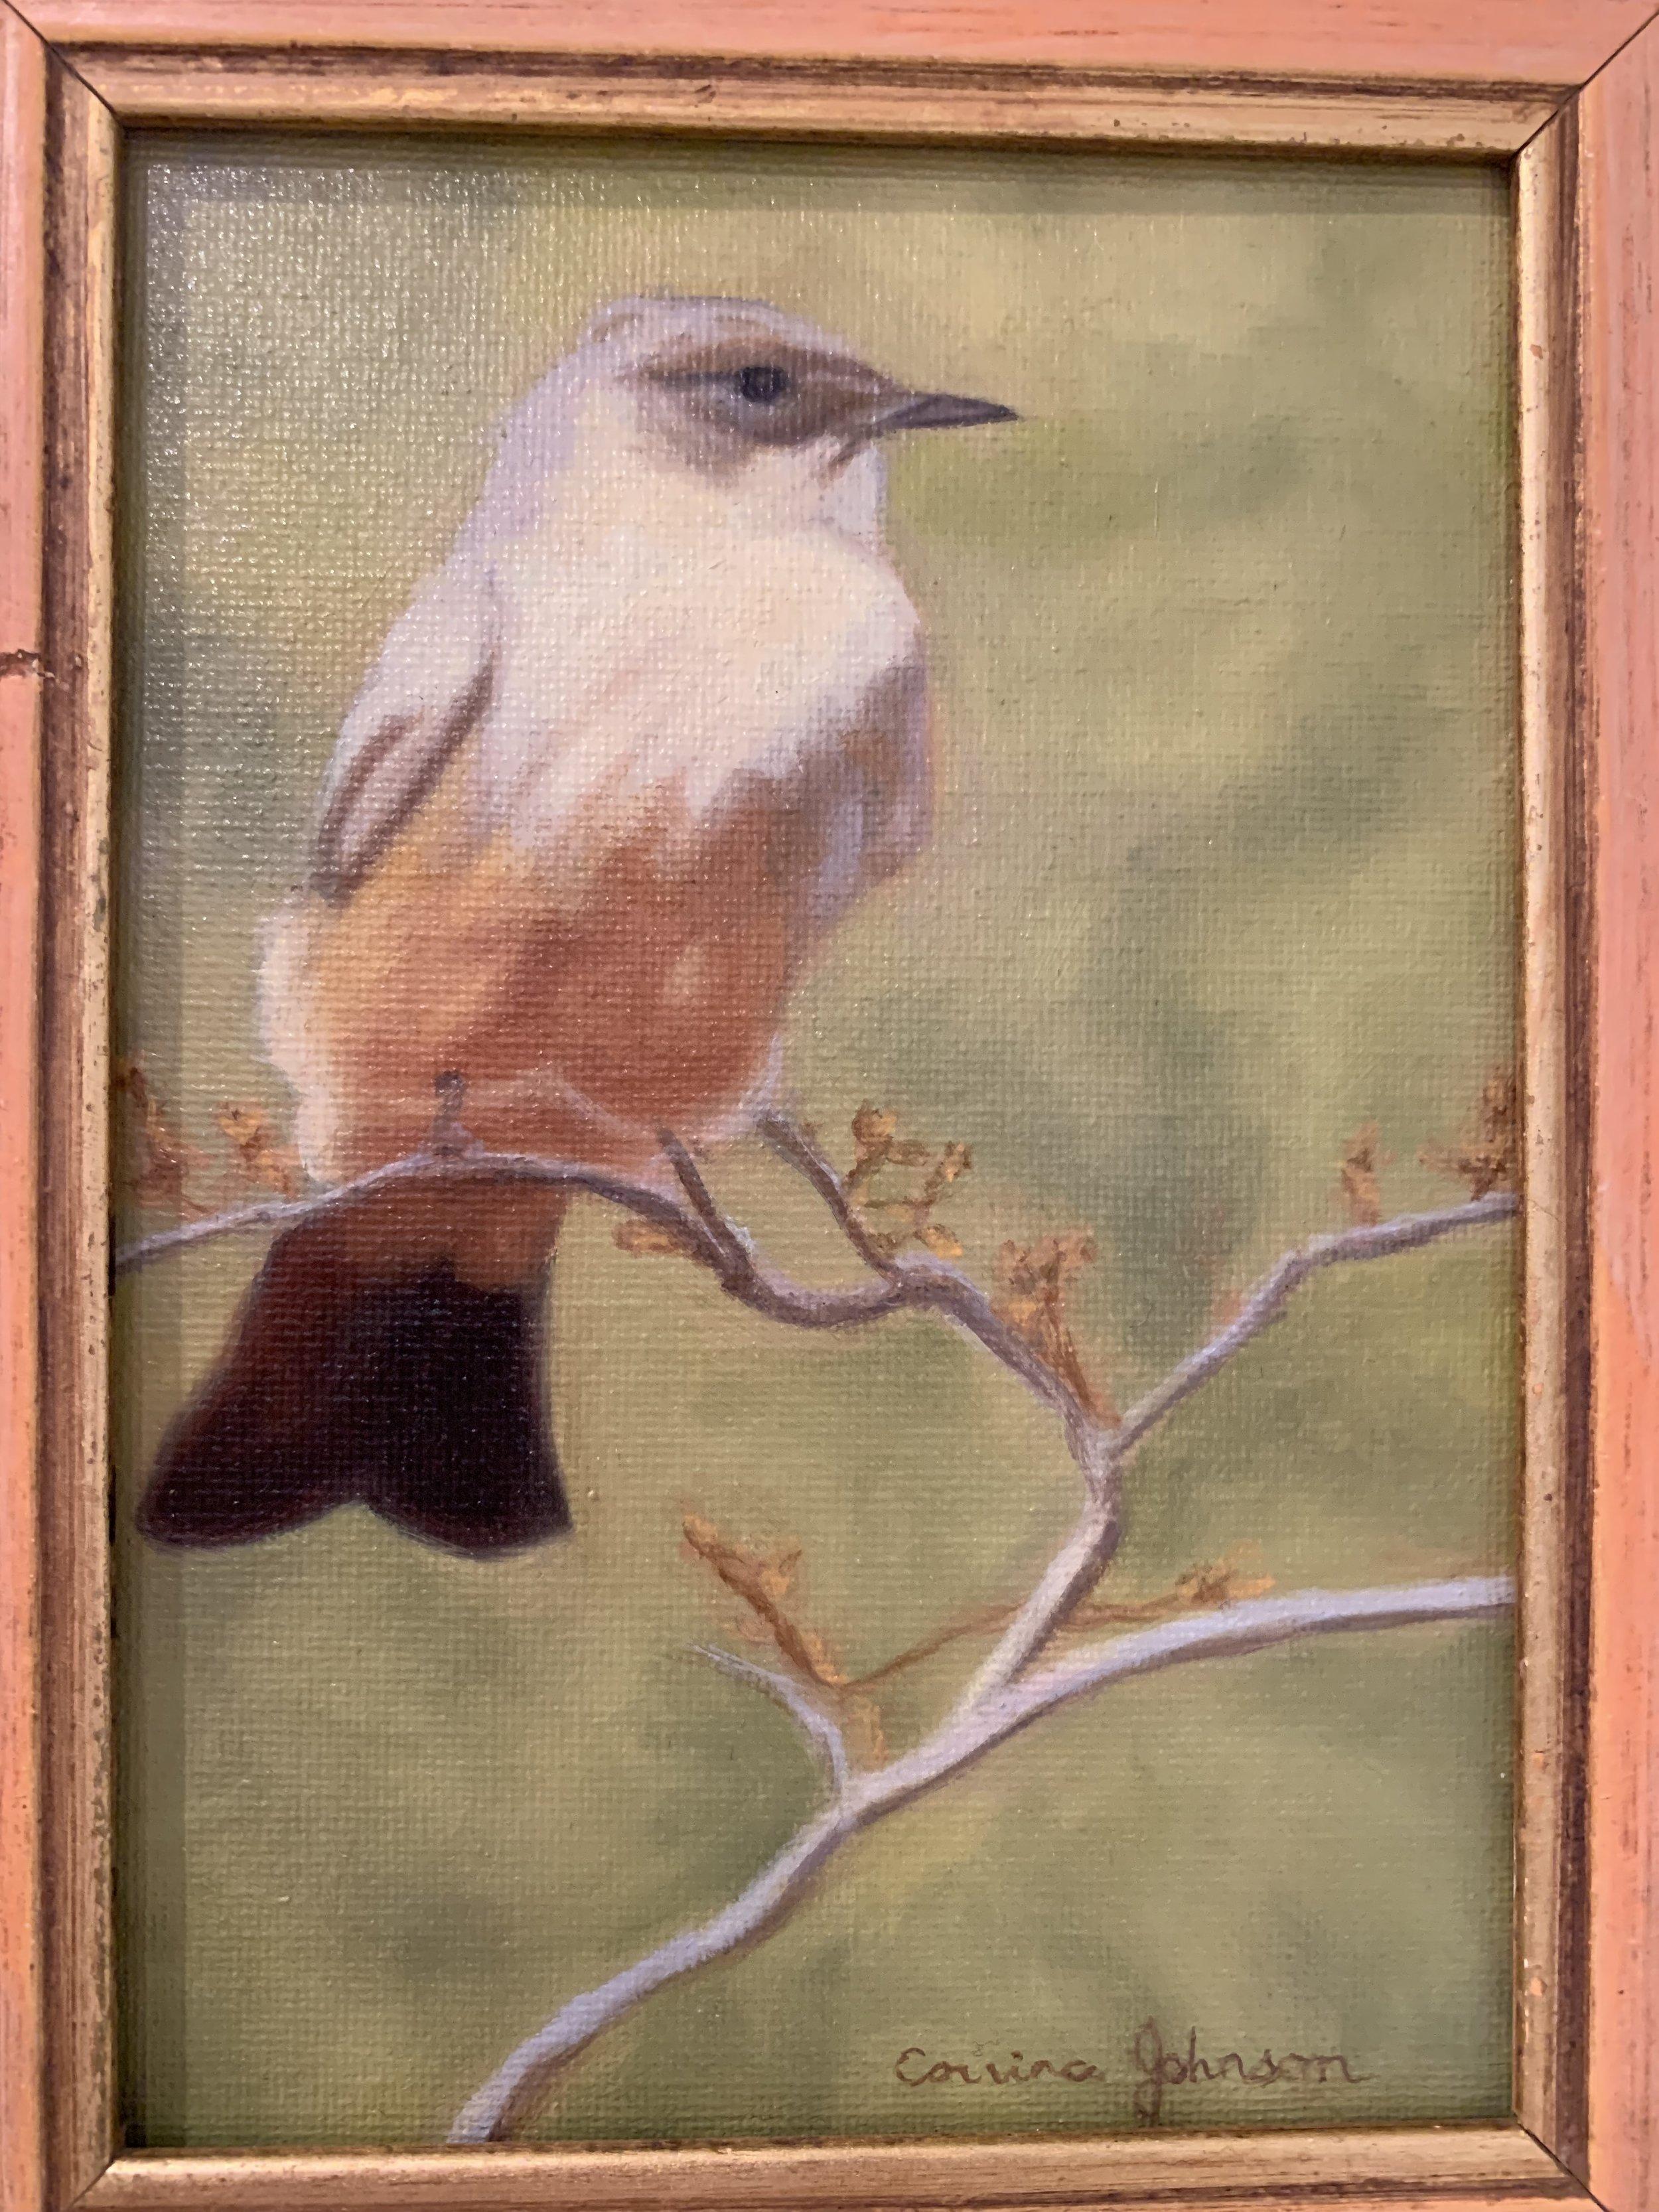 Corrina Johnson -Little yellow bird.jpeg